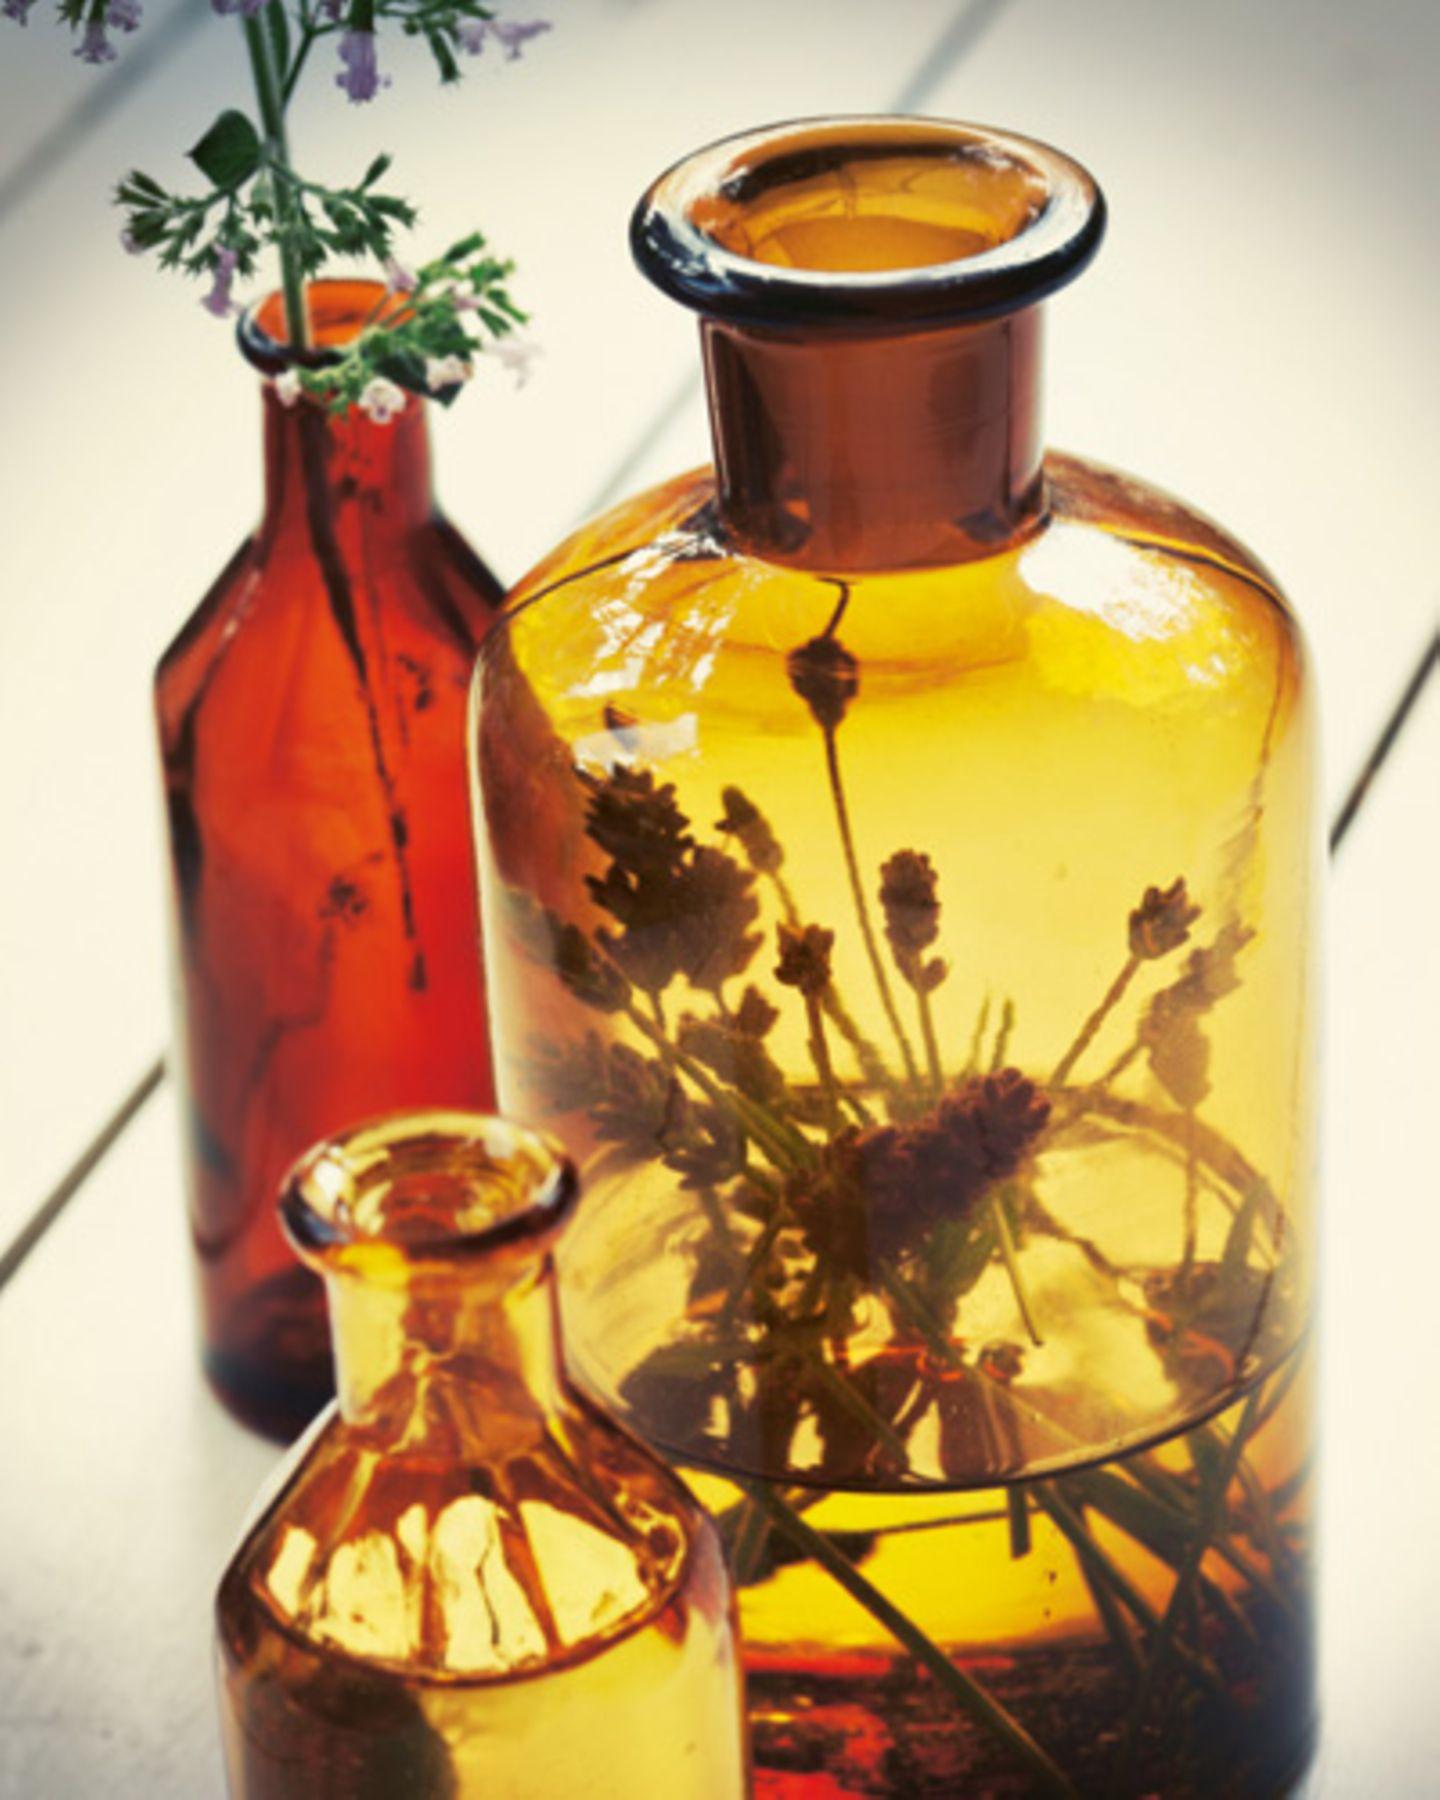 Blütenöle herstellen: Die Basics